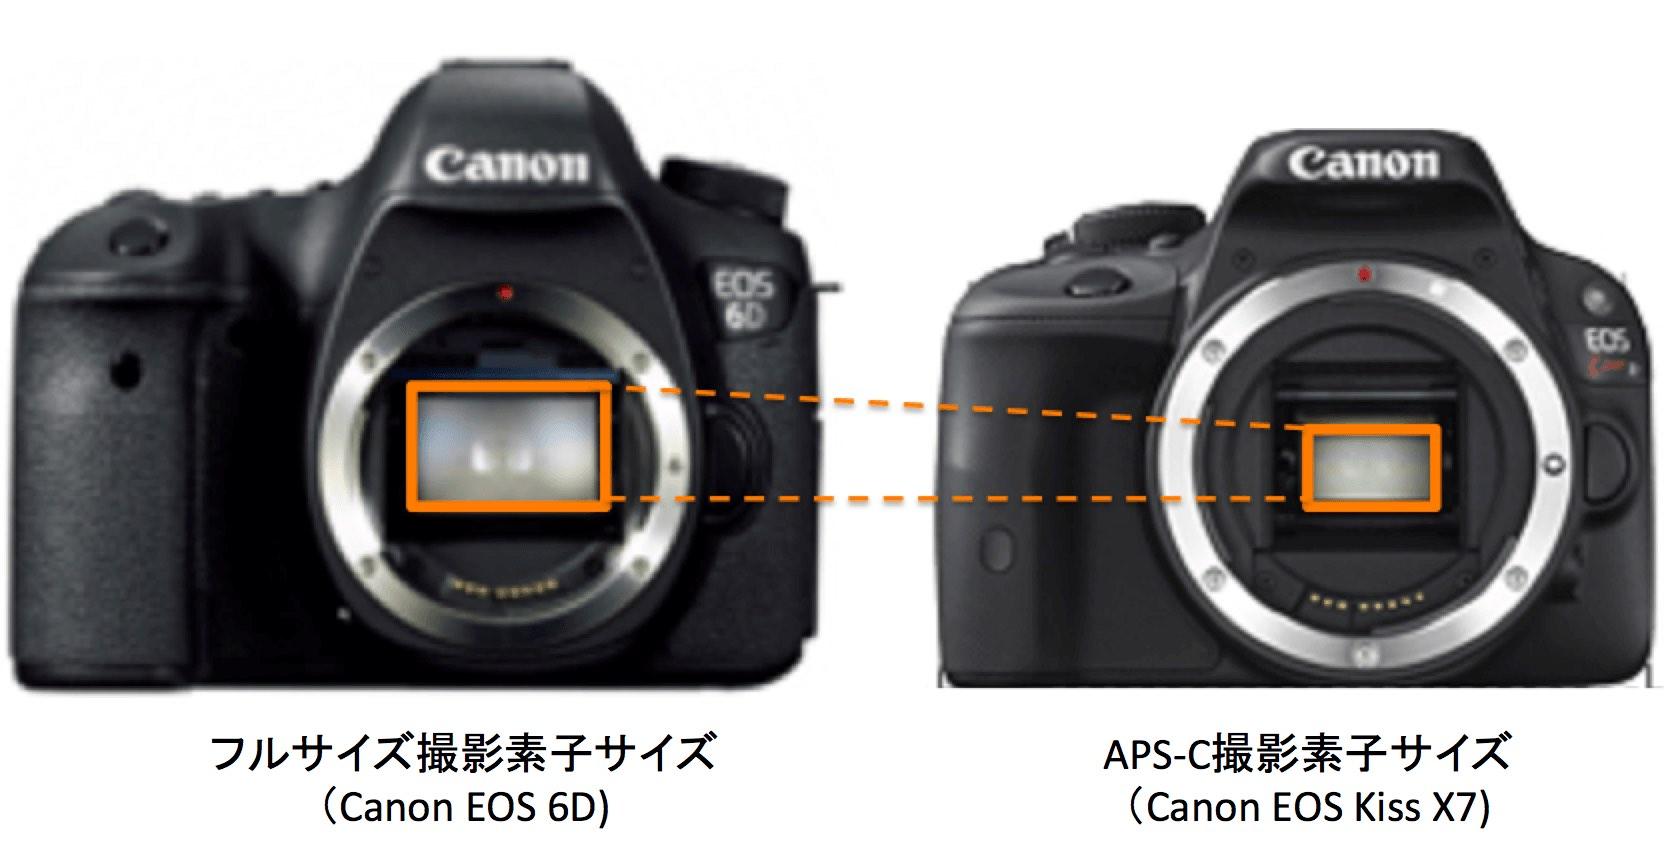 撮影素子(イメージセンサー)サイズ比較:フルサイズ and APS-C